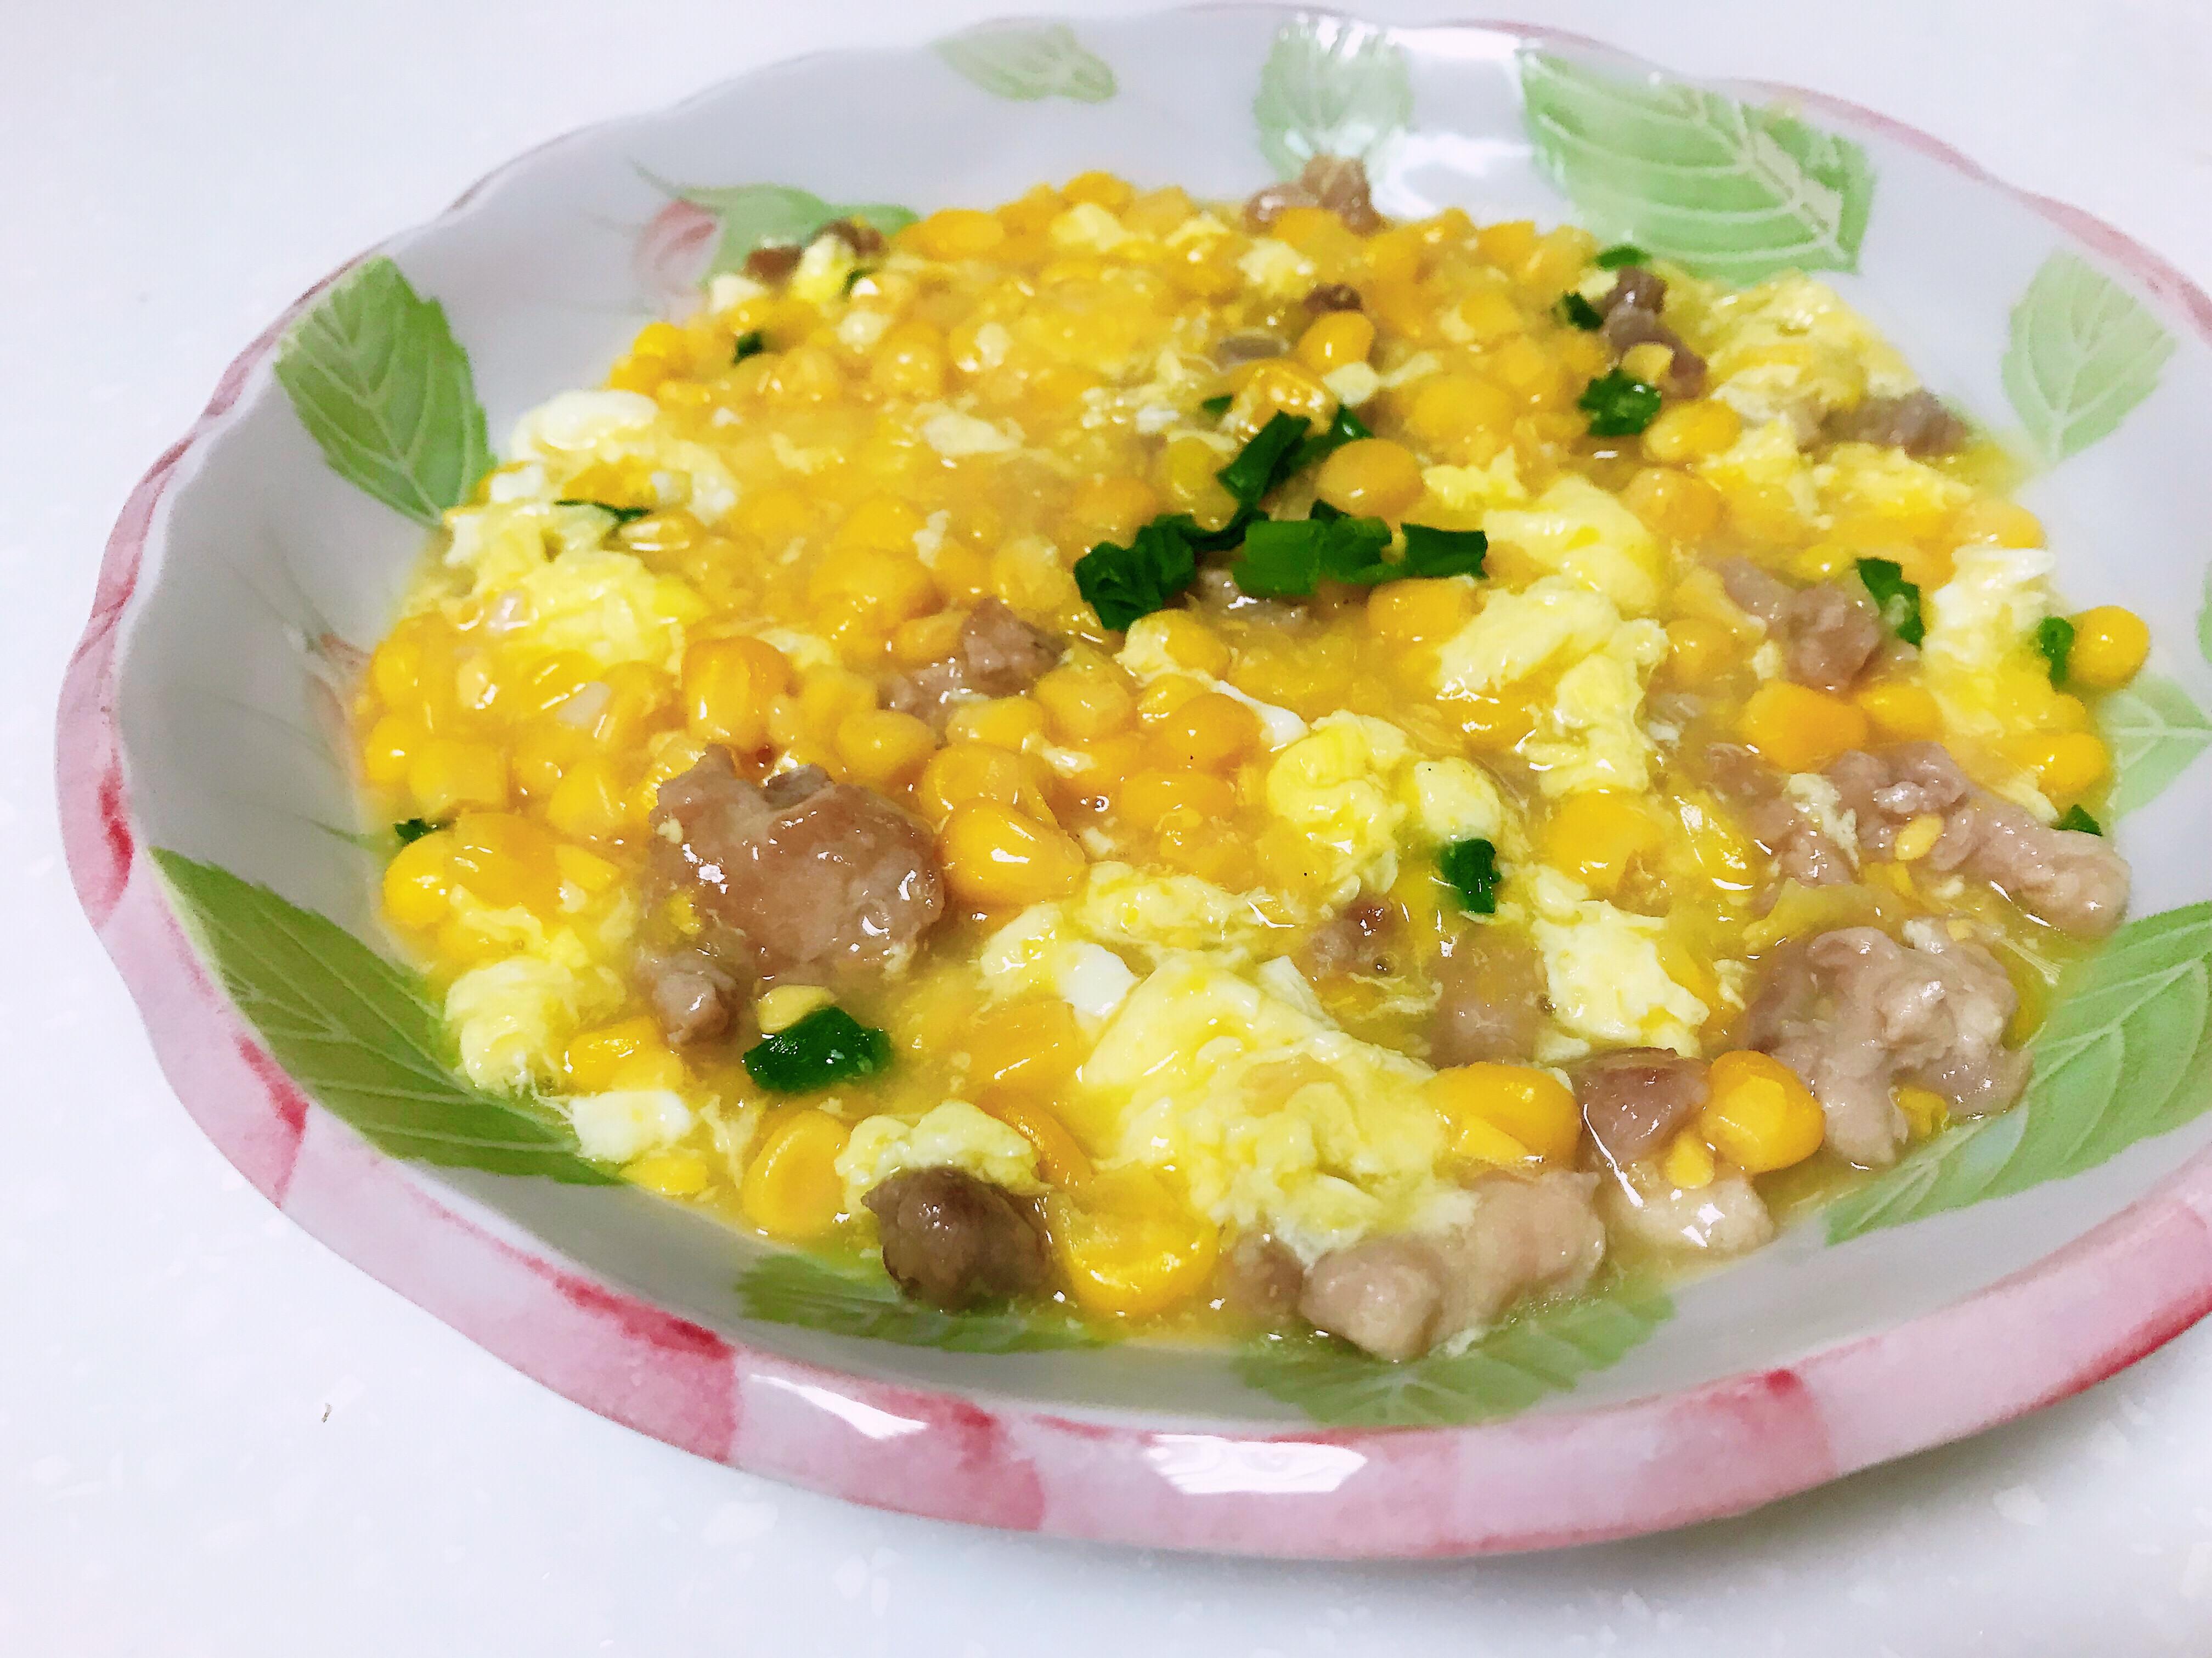 滑蛋玉米燴瘦肉(粟米瘦肉飯)